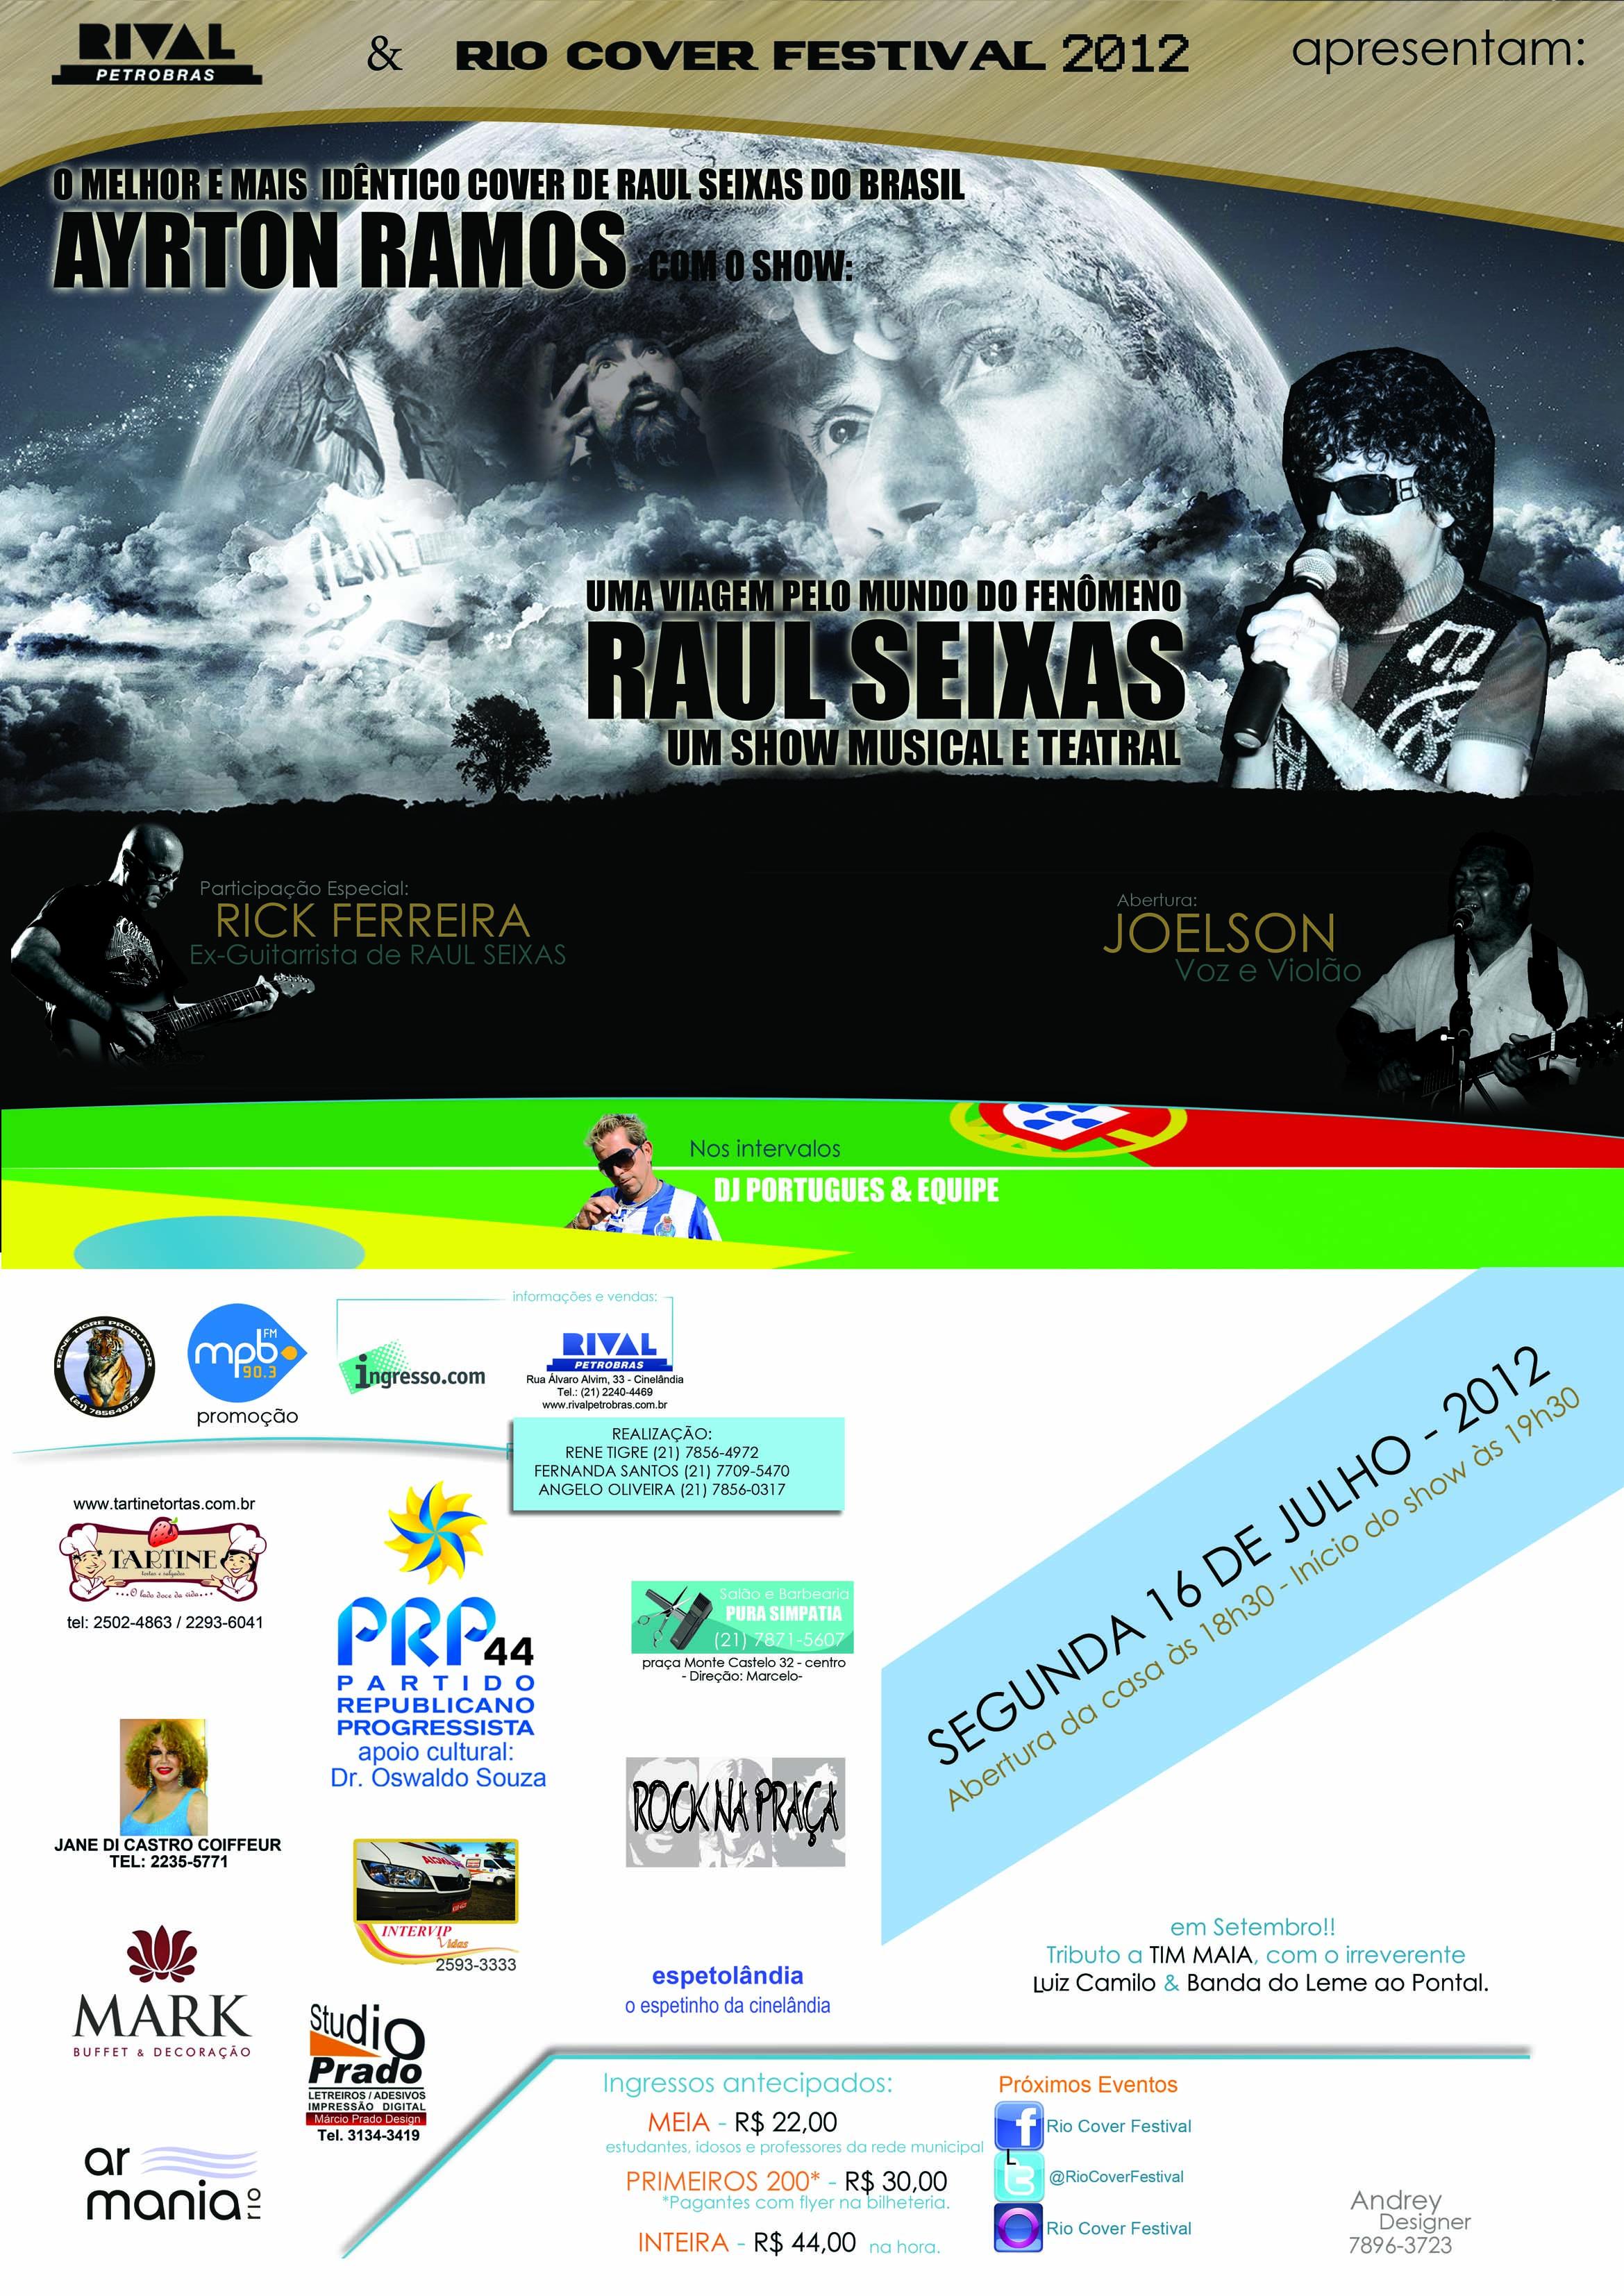 Rick Ferreira fará participação especial em show de Ayrton Ramos em homenagem a Raul Seixas